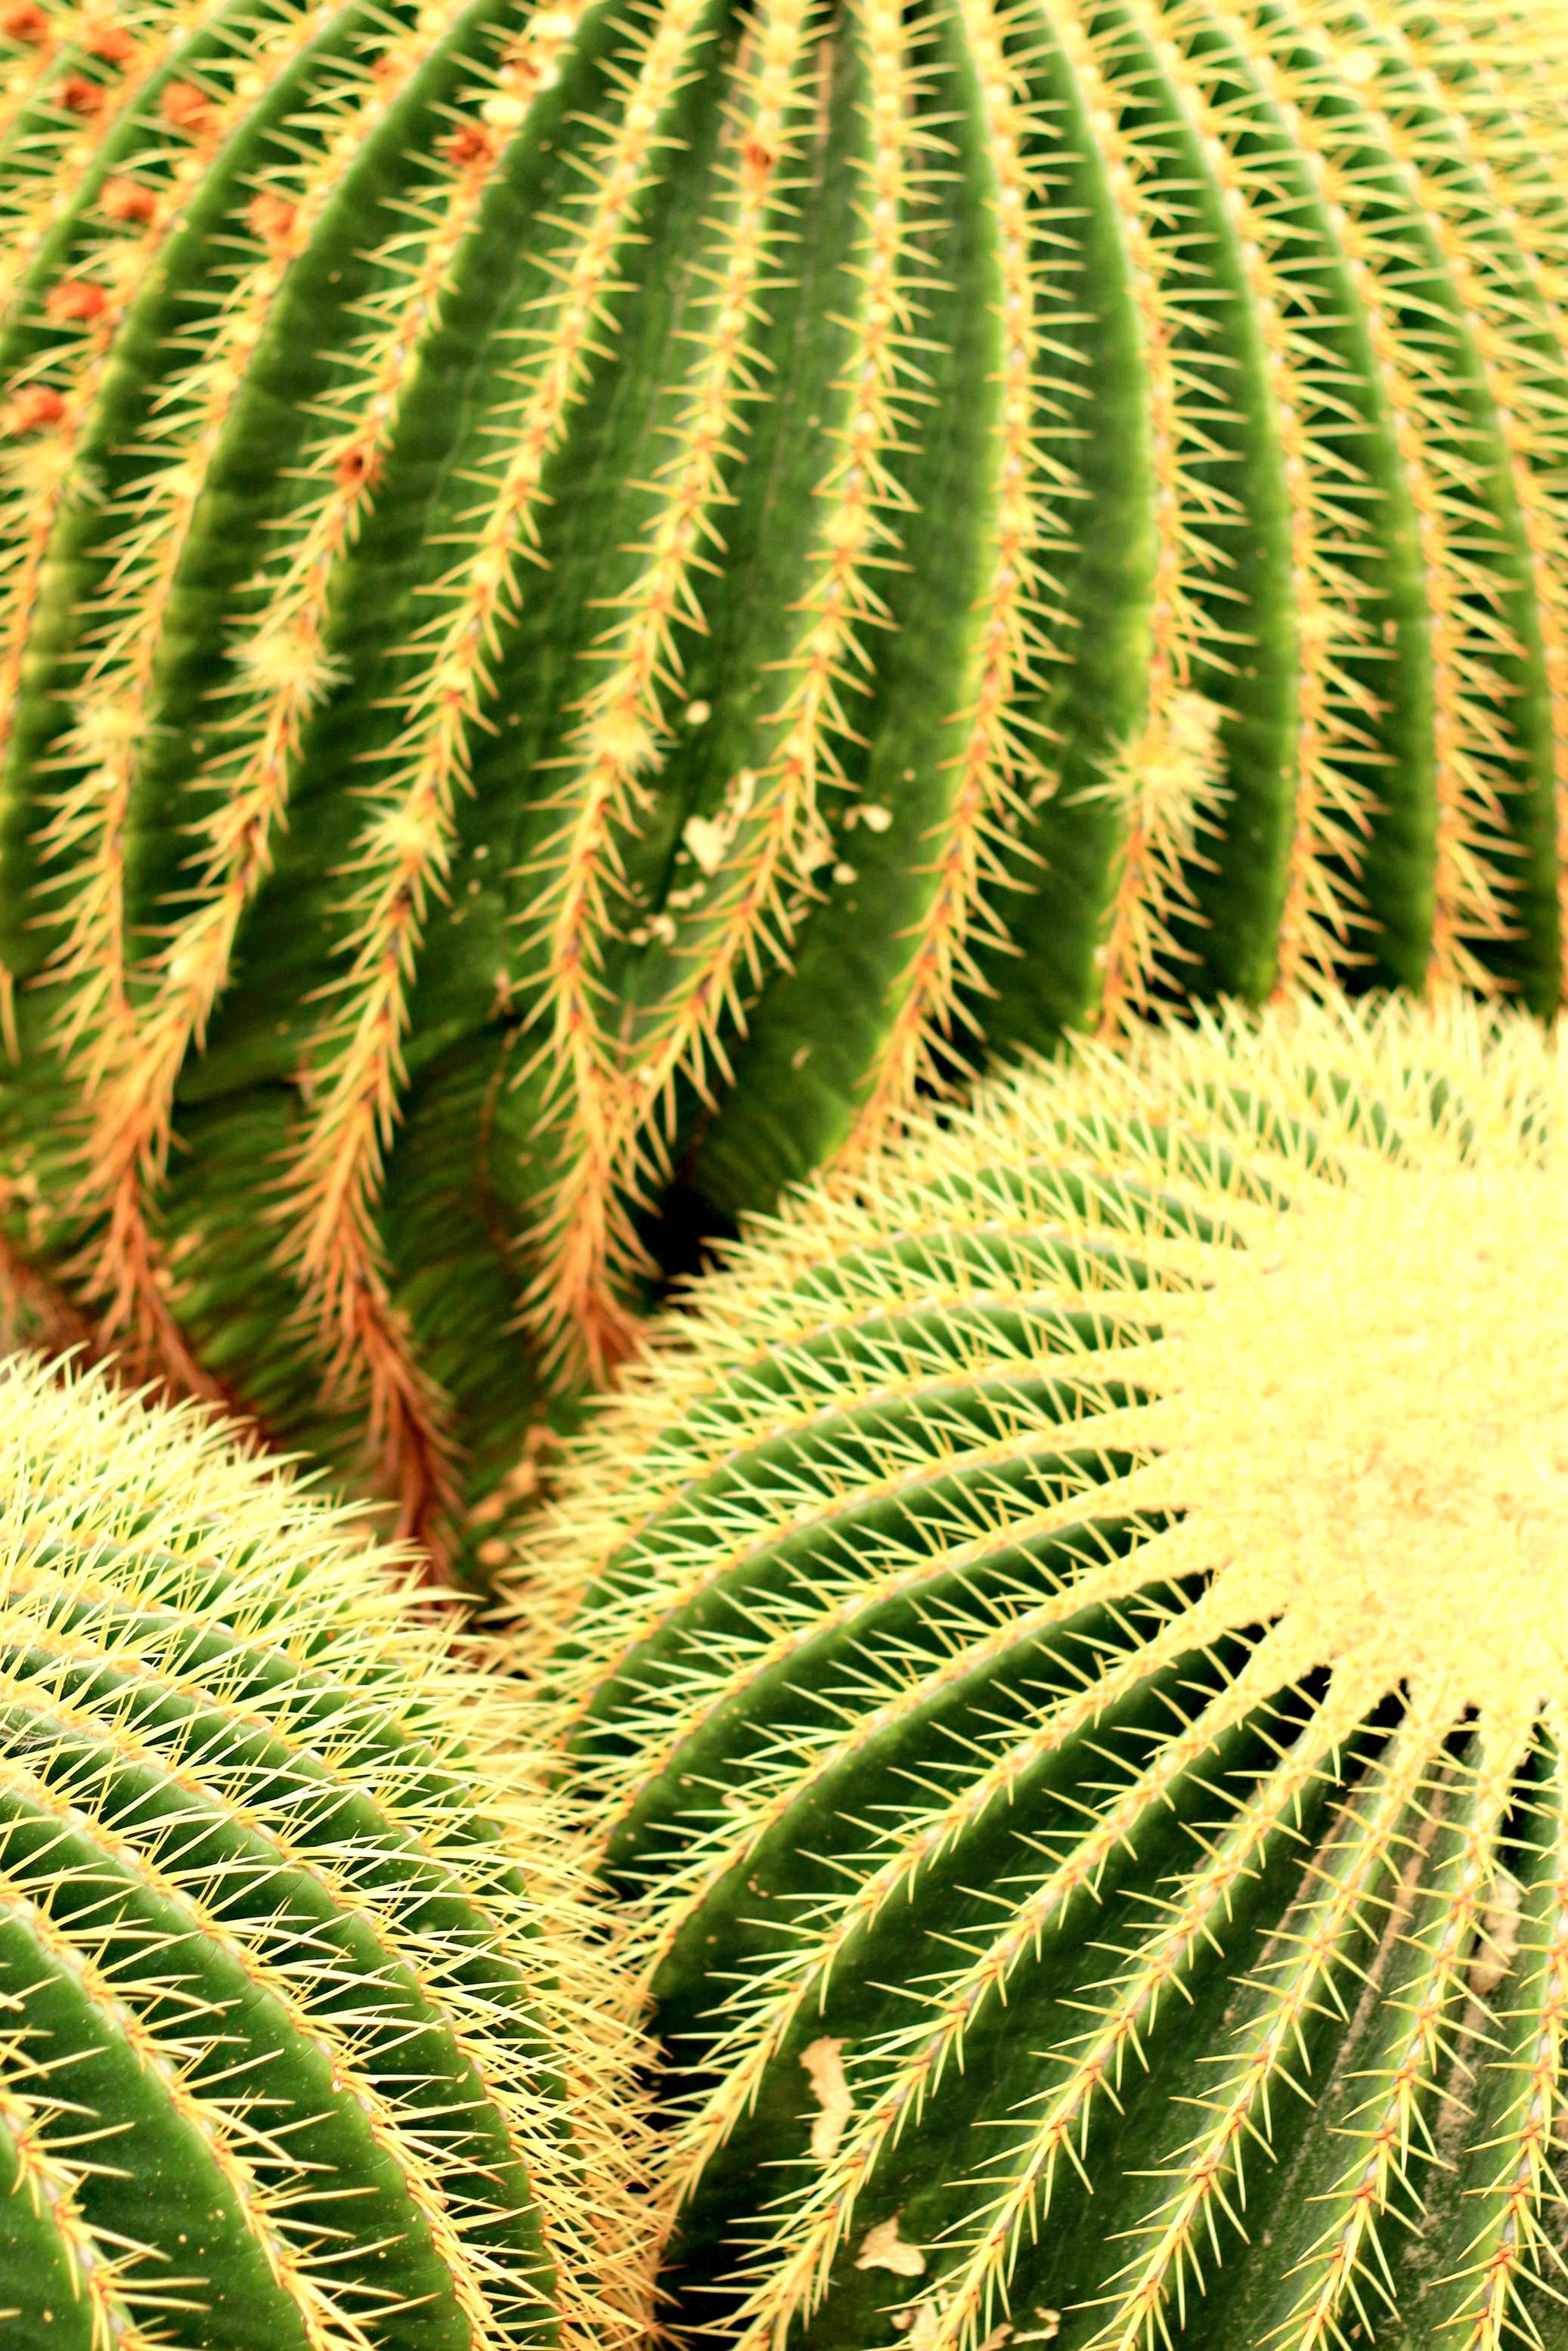 kaktus botanischer garten dahlem